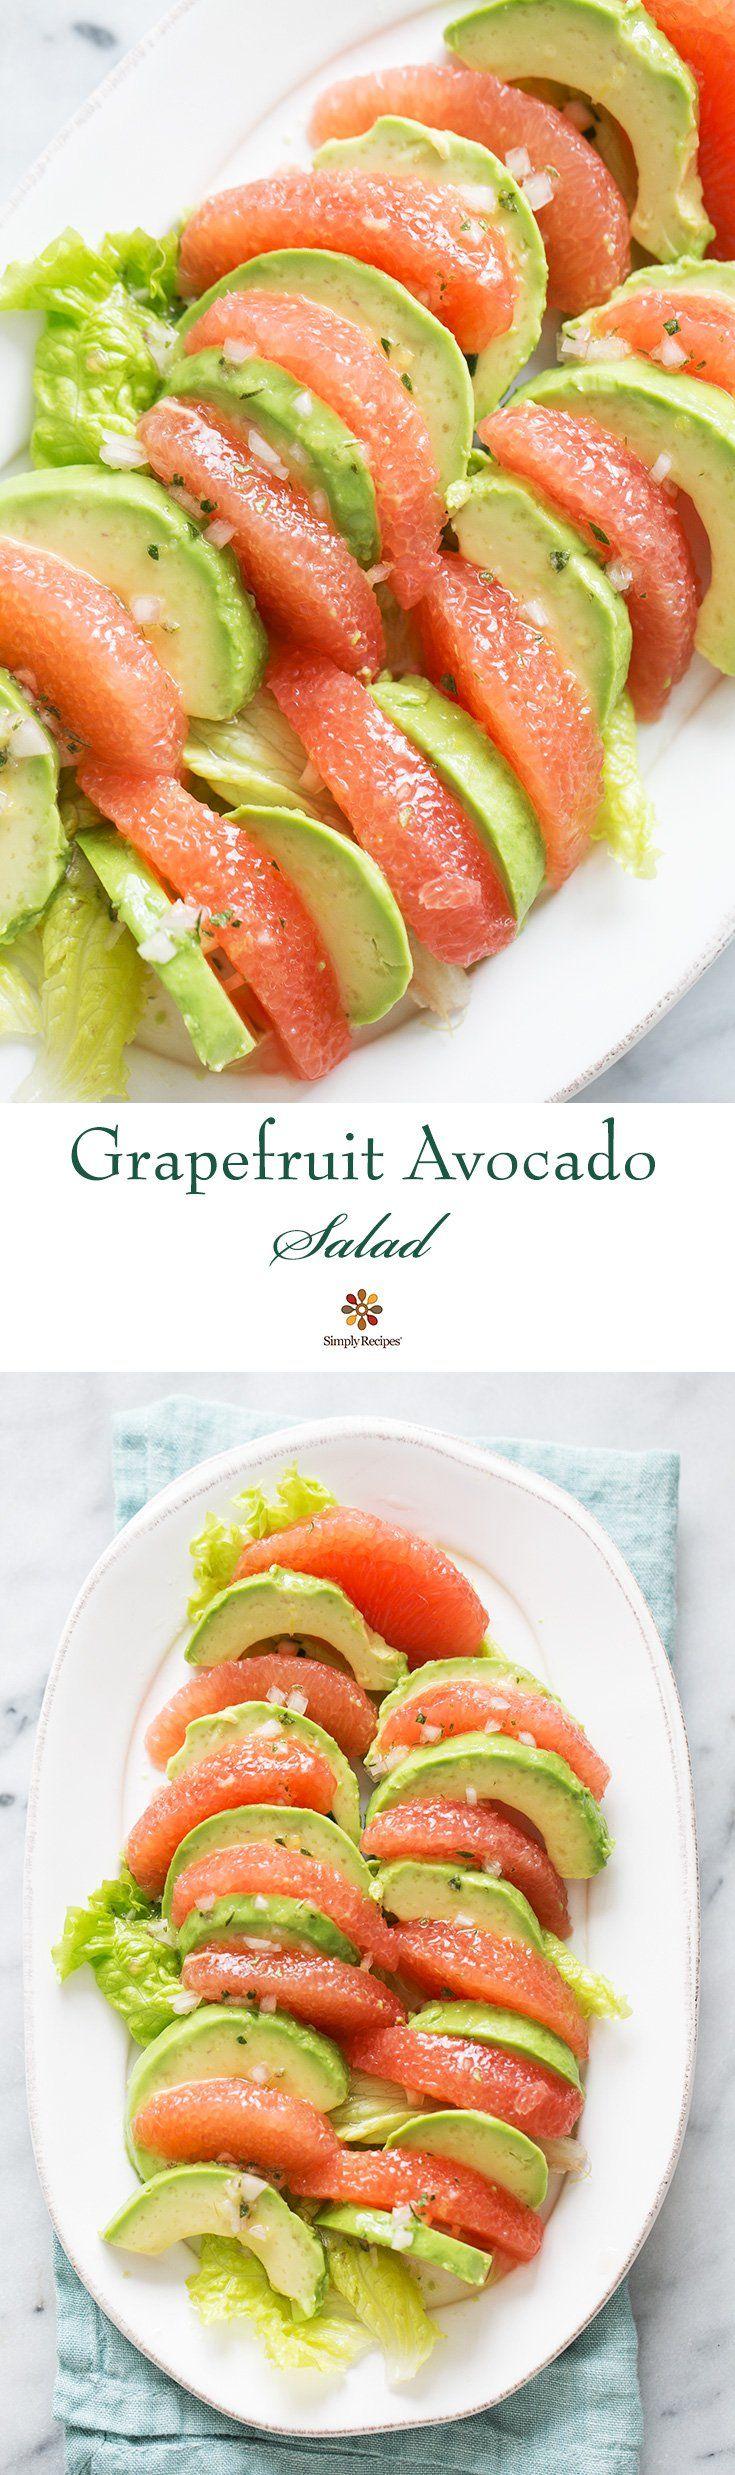 Grapefruit avocado salad! Healthy and delicious, grapefruit segments arranged with avocado slices, splashed with a citrus vinaigrette. #paleo #vegan #glutenfree Get the recipe on SimplyRecipes.com